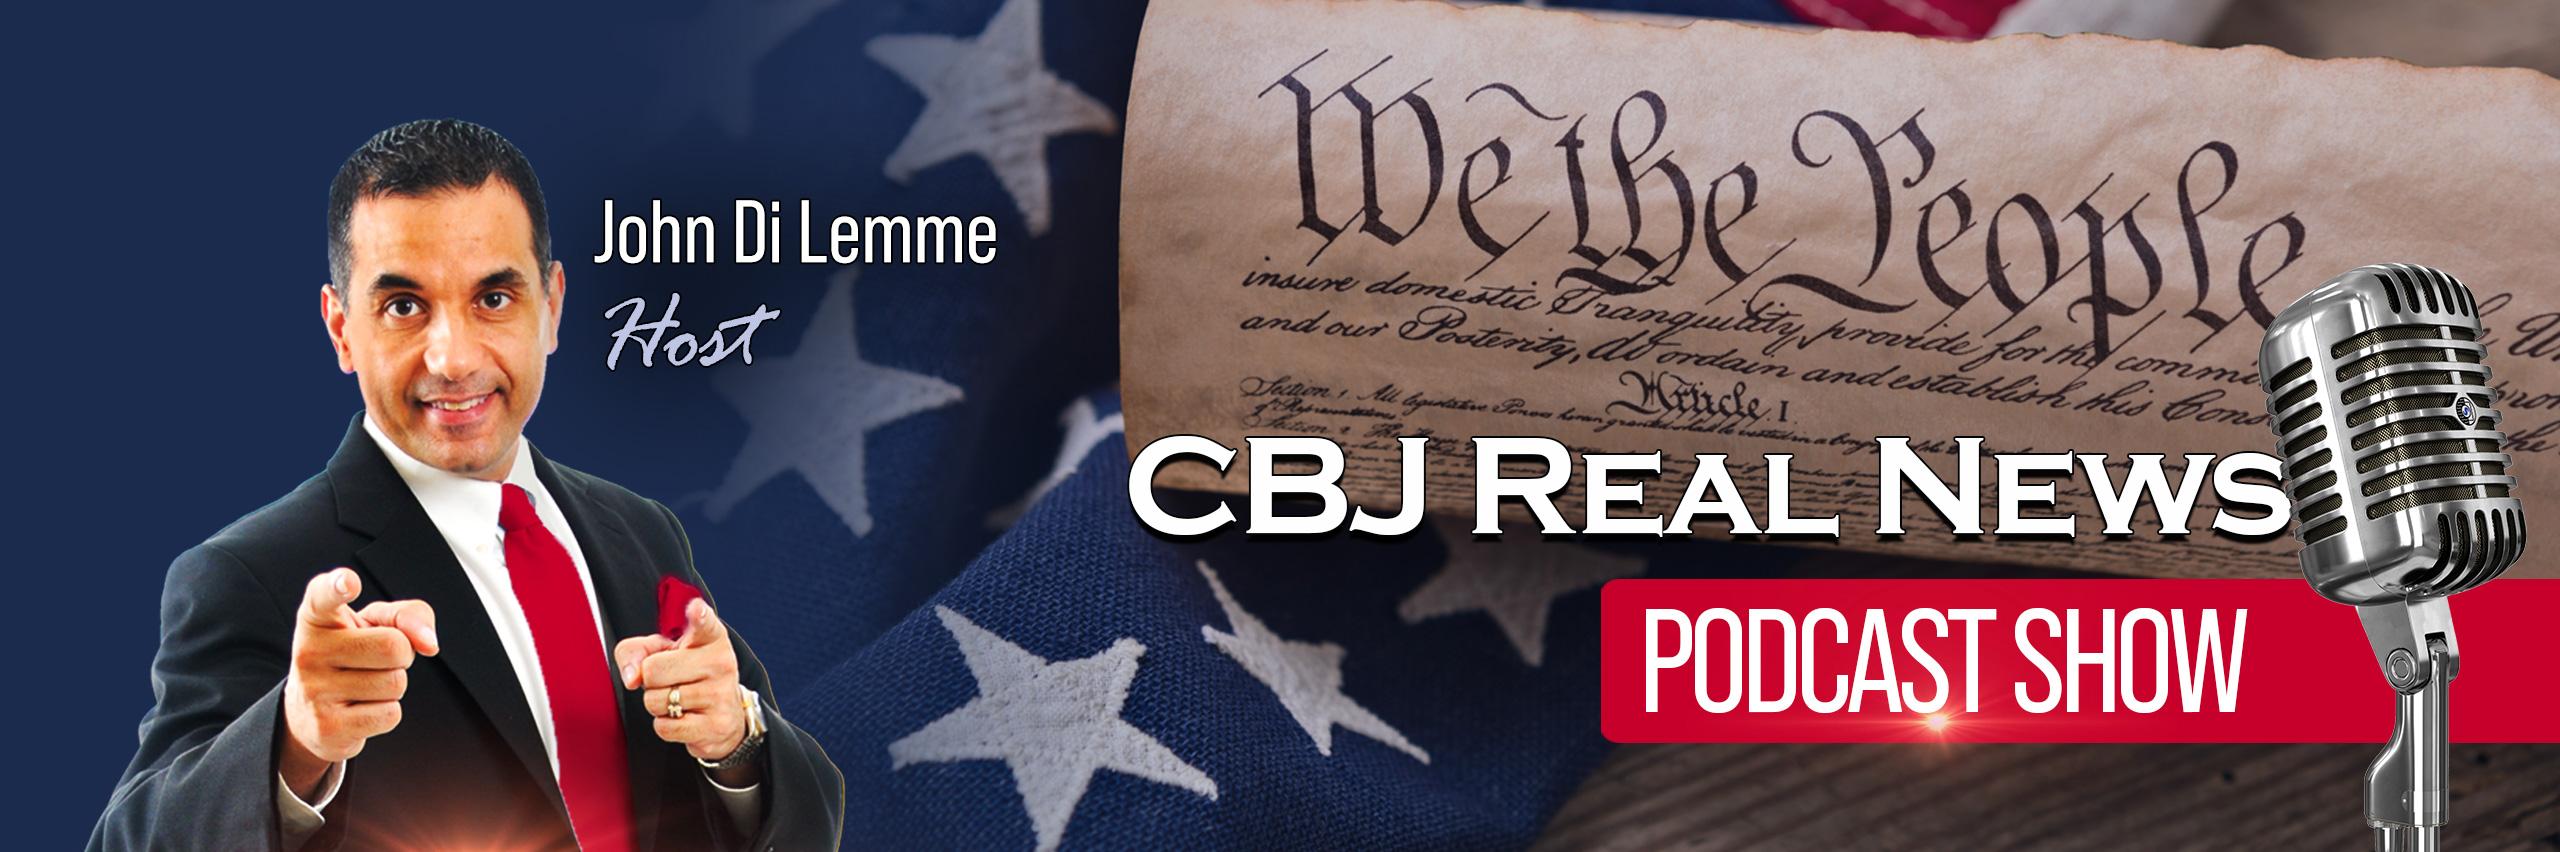 CBJ-header02